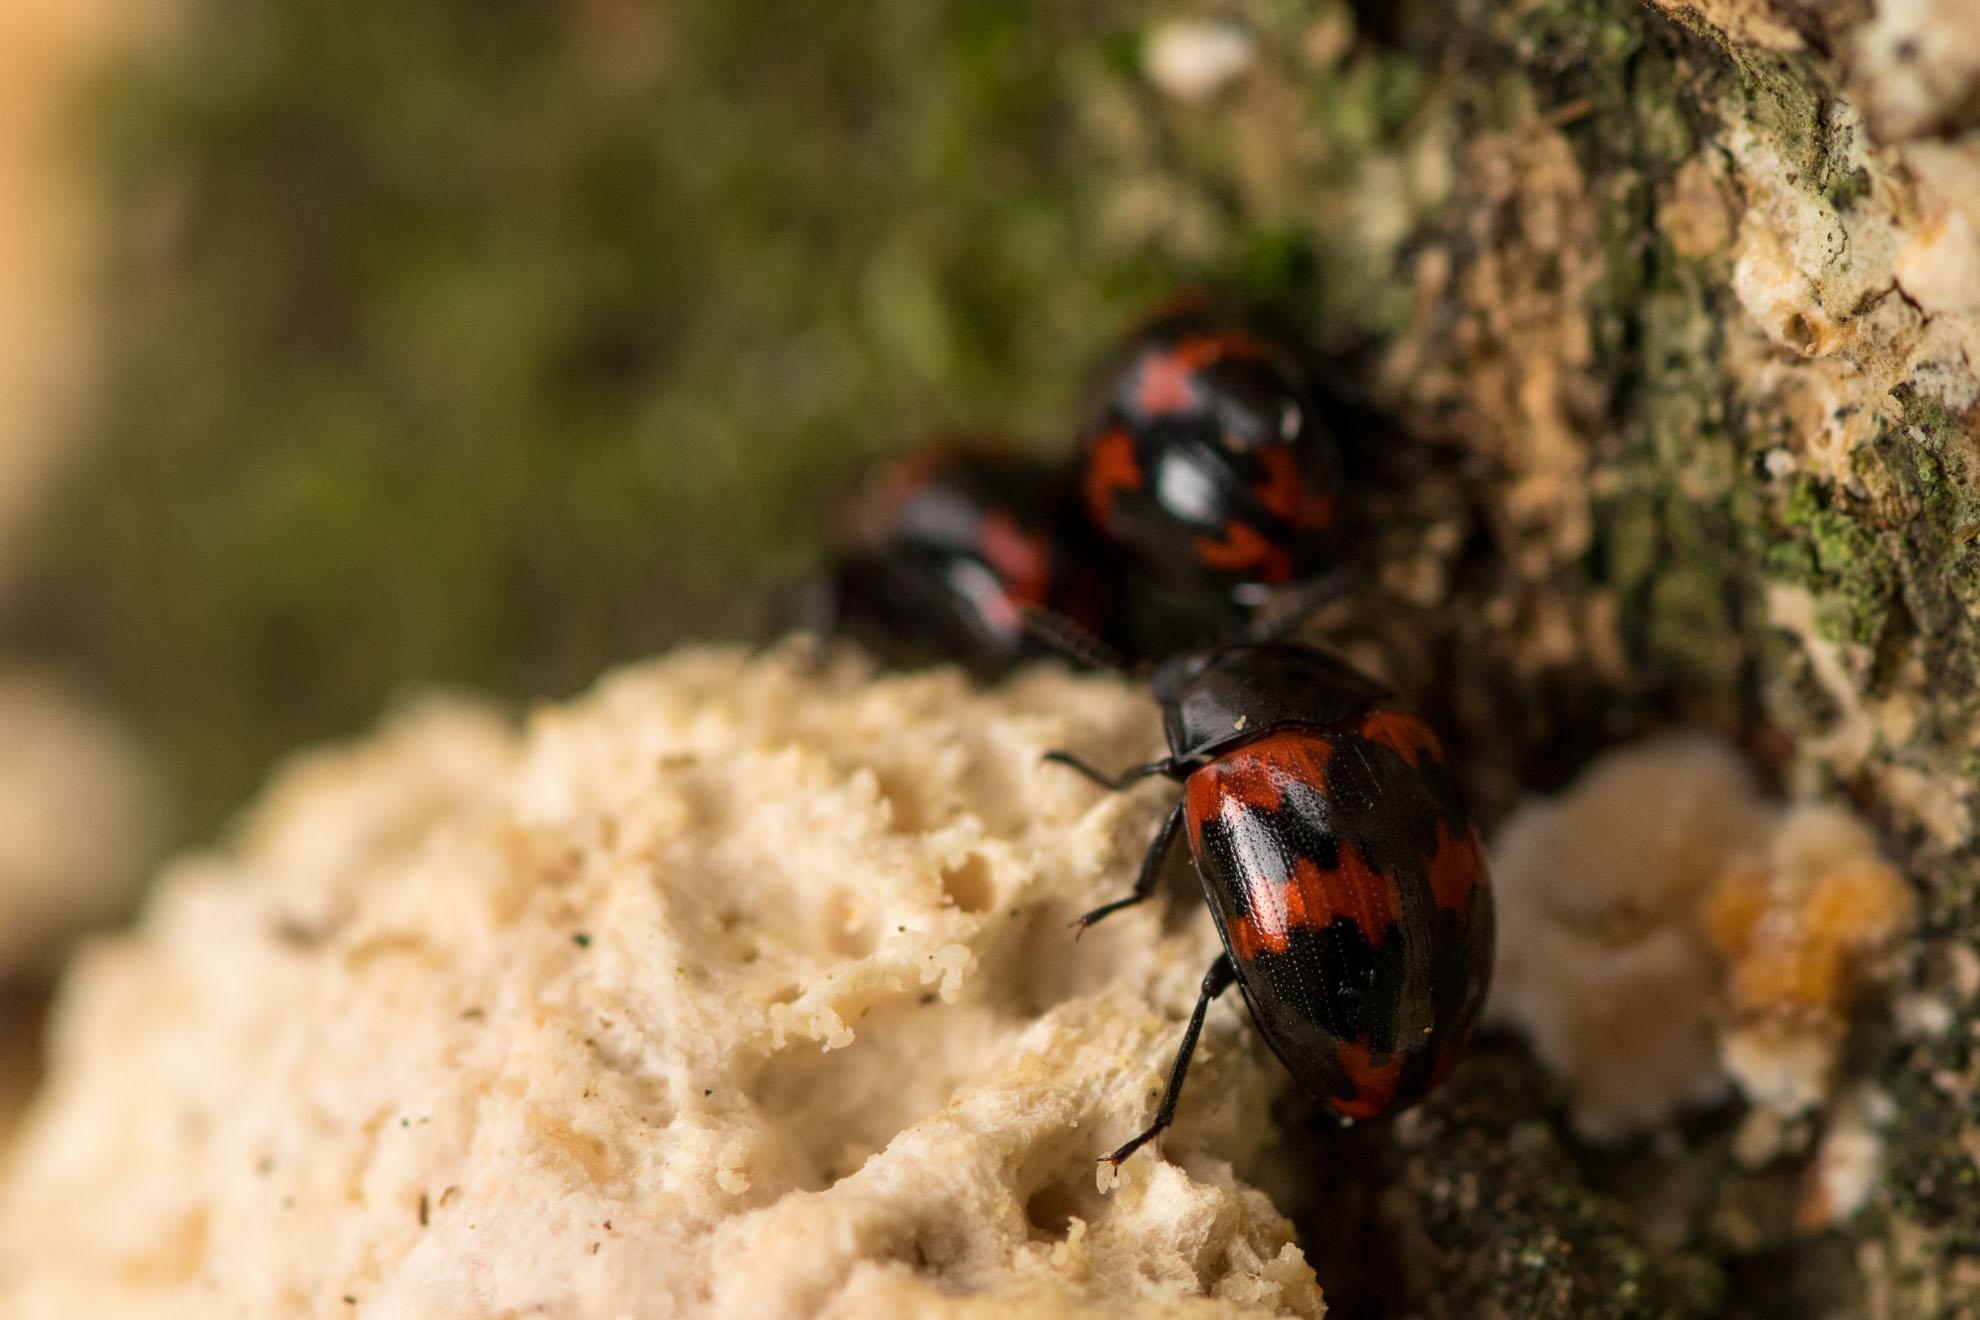 黒とアカの甲虫のモンキゴミムシダマシ